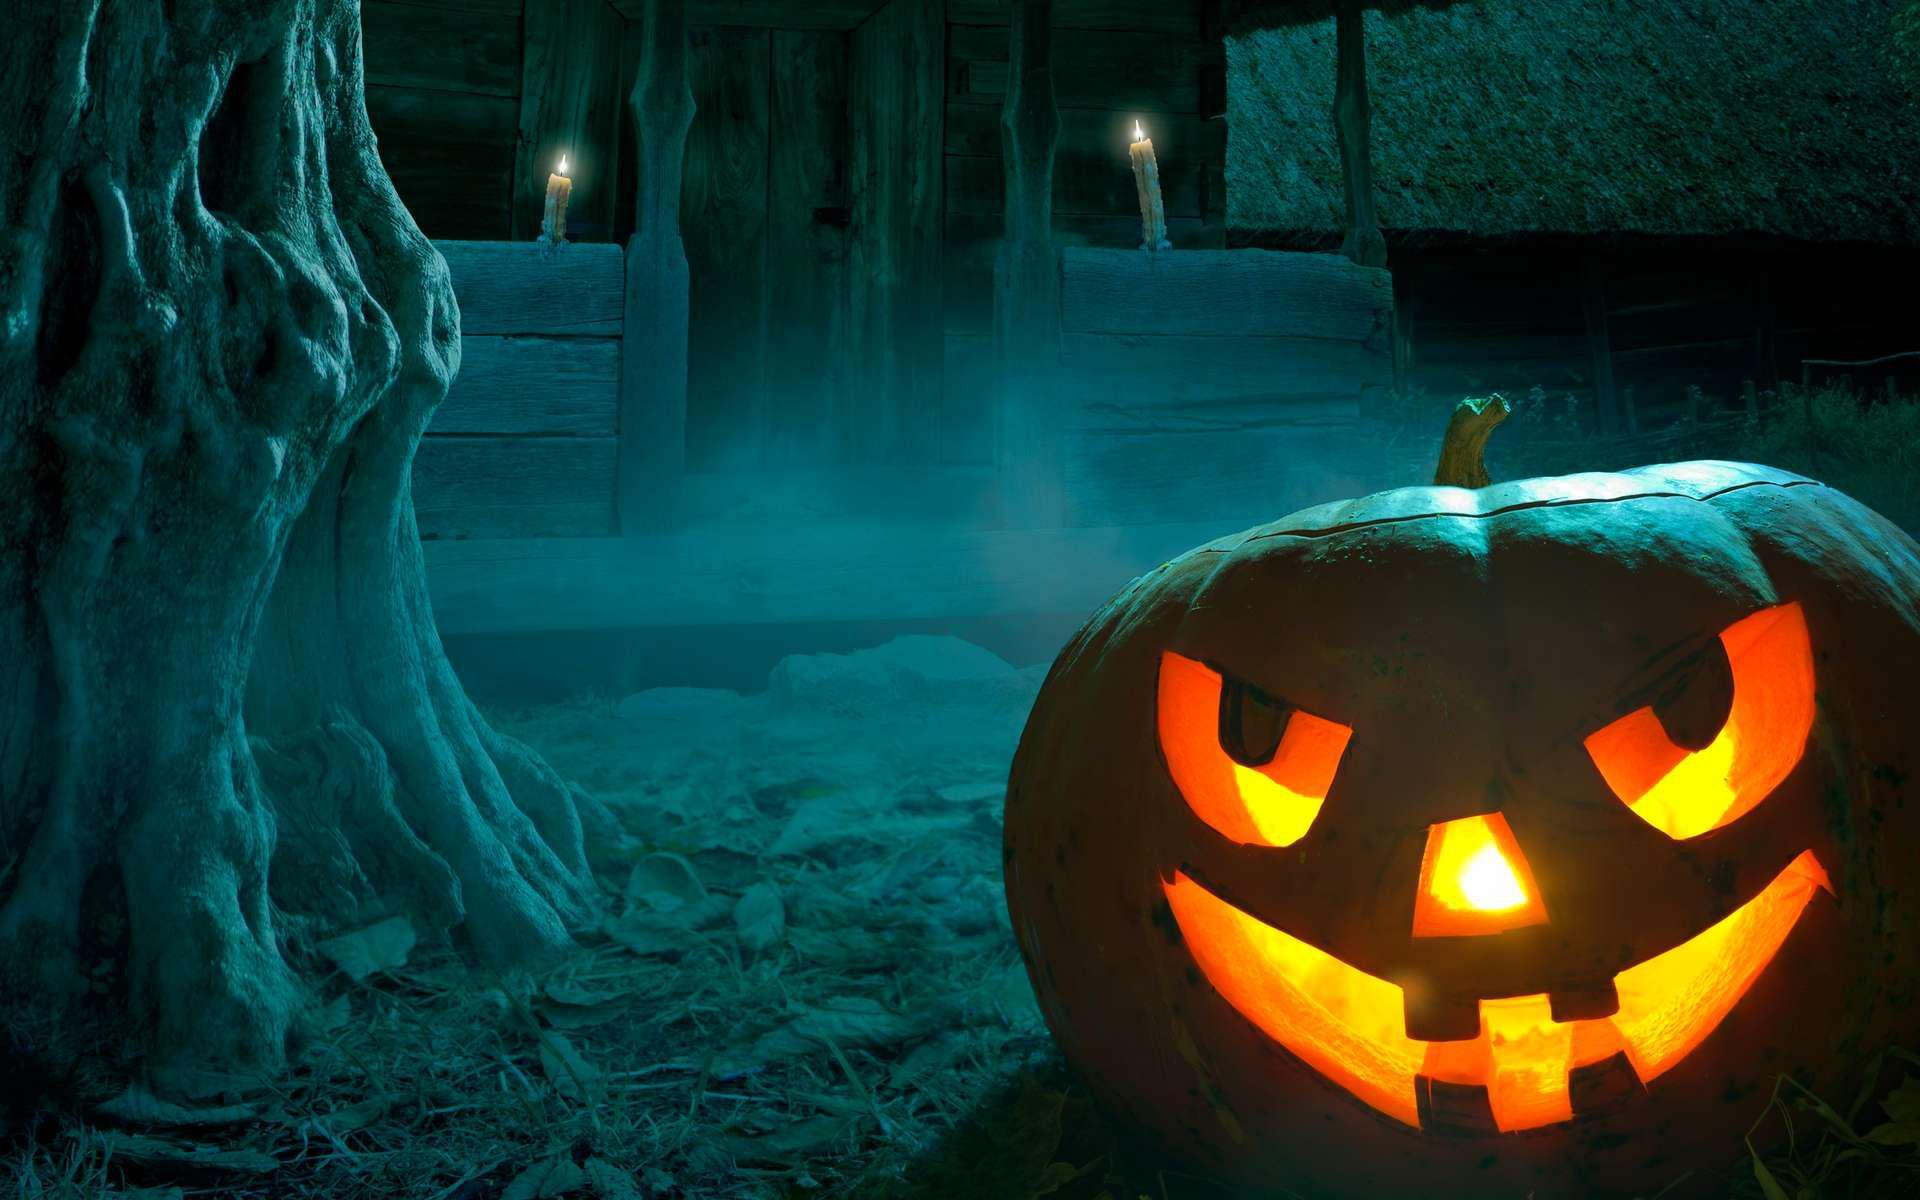 Foto Di Halloween.Speciale Halloween Sfondi Pc Desktop E Cellulare